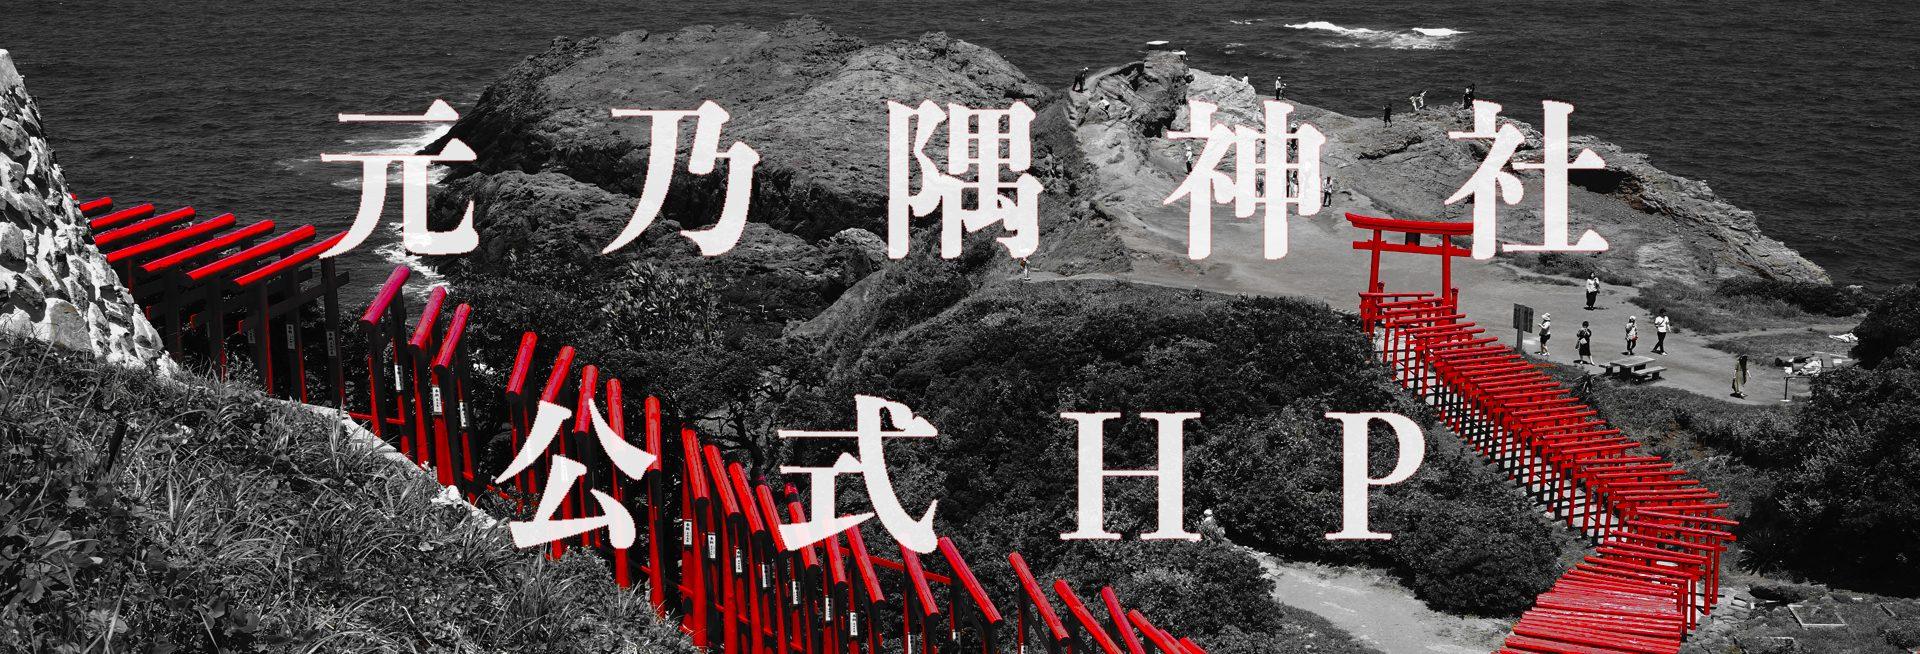 【公式】元乃隅神社